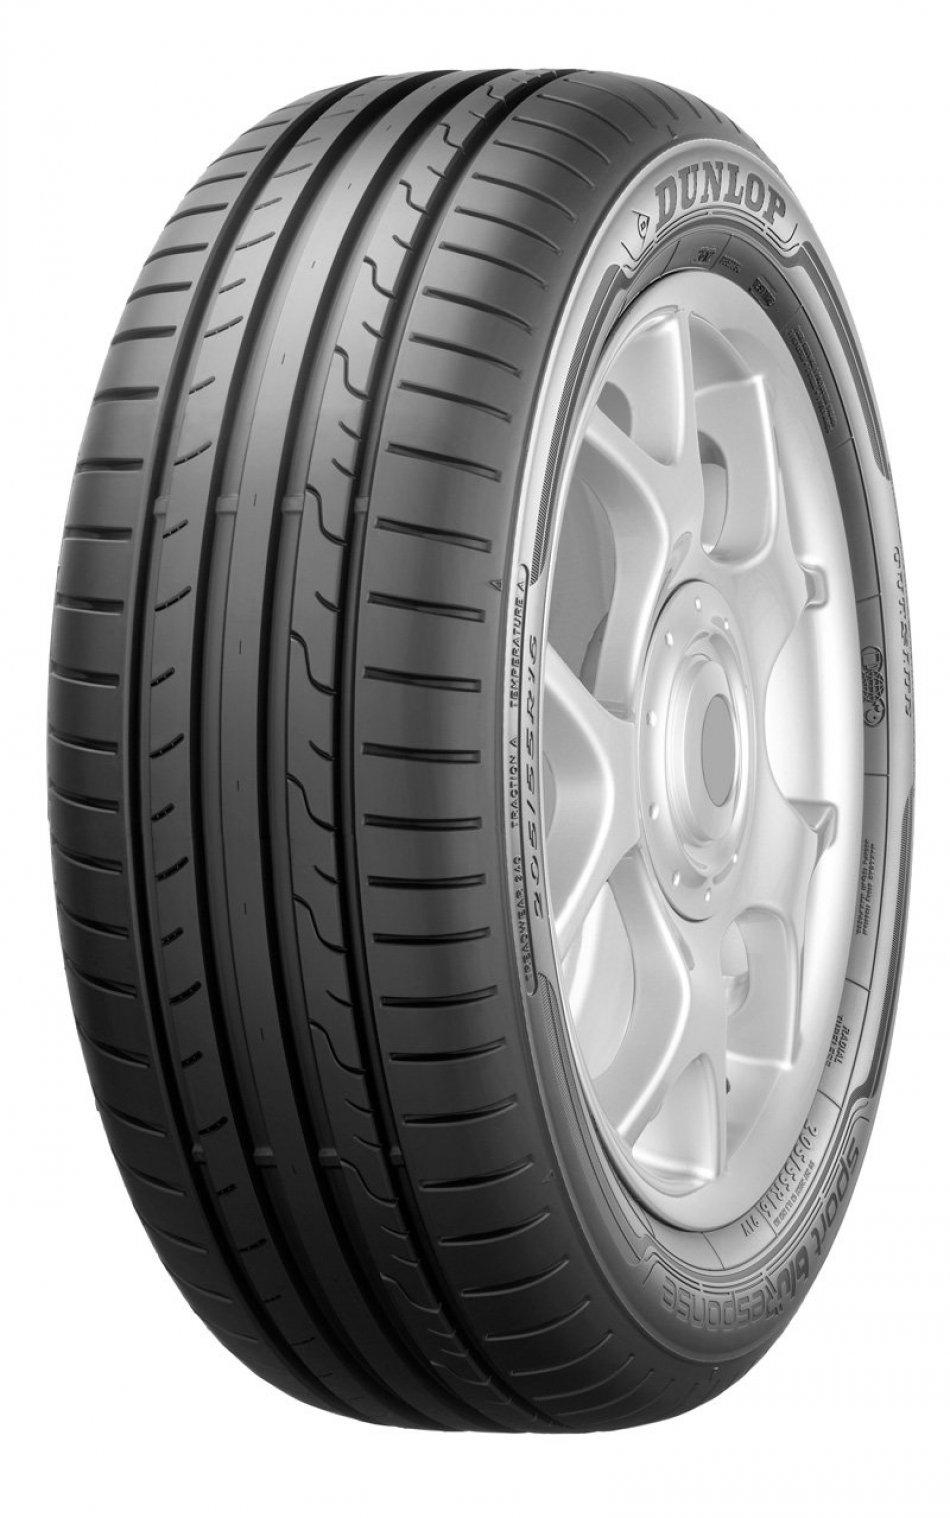 225/50R17 98W Dunlop Sport BluResponse